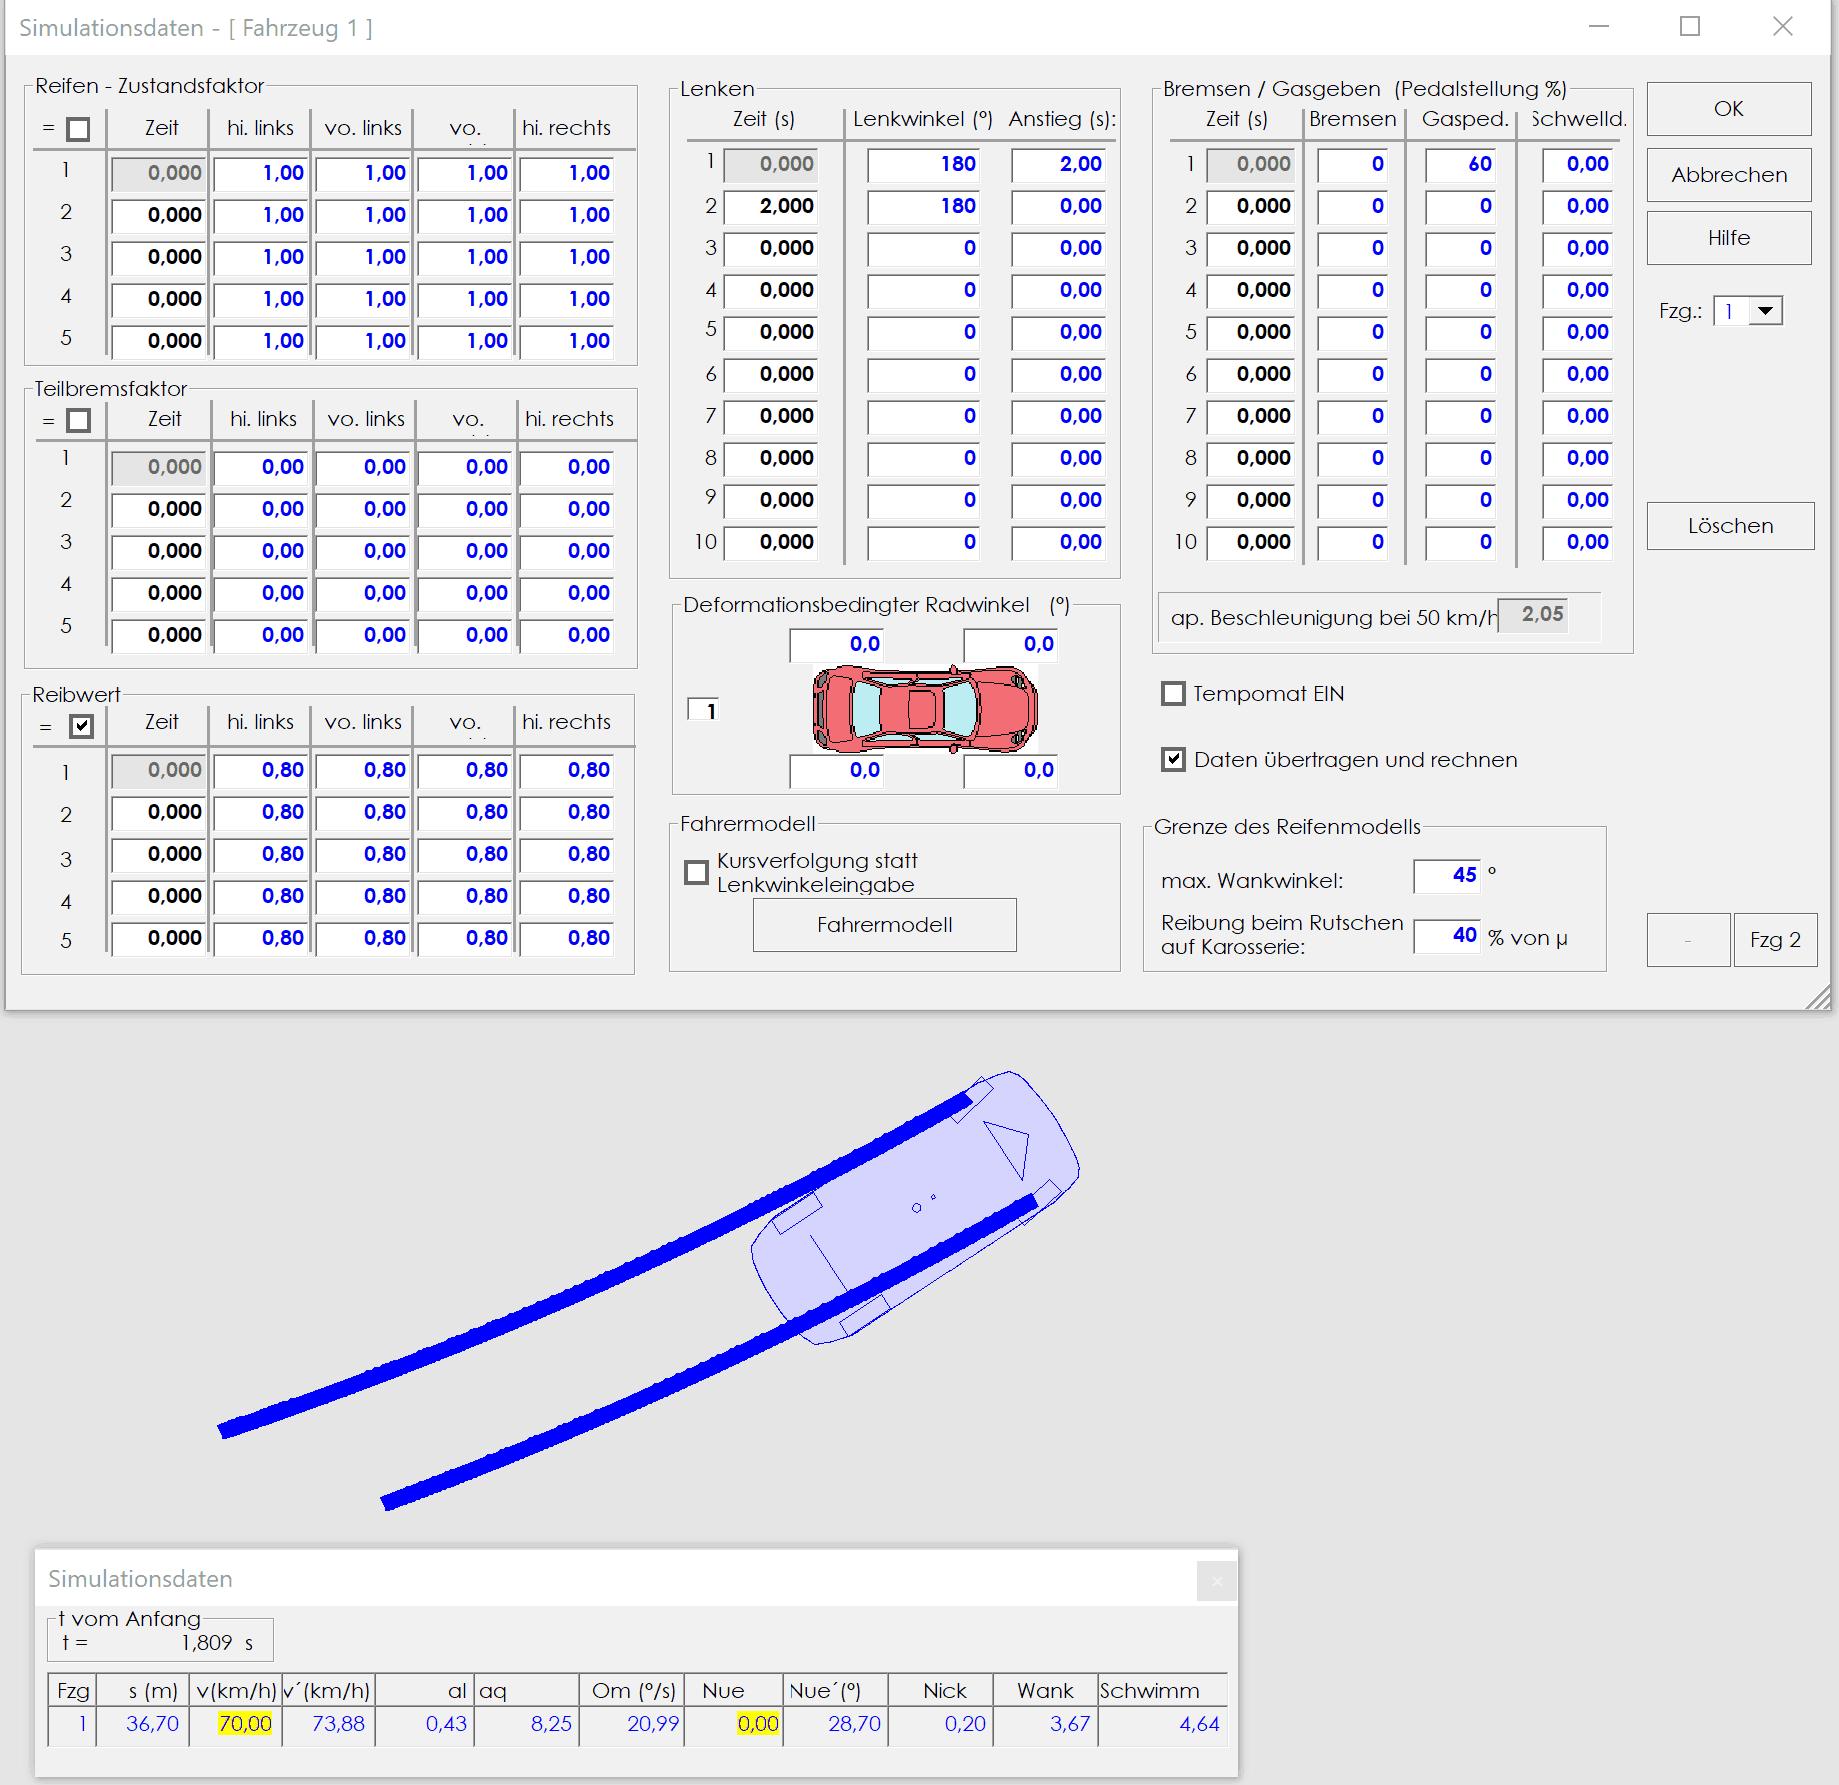 Ziemlich Software Für Unfallberichte Zeitgenössisch - Die Besten ...